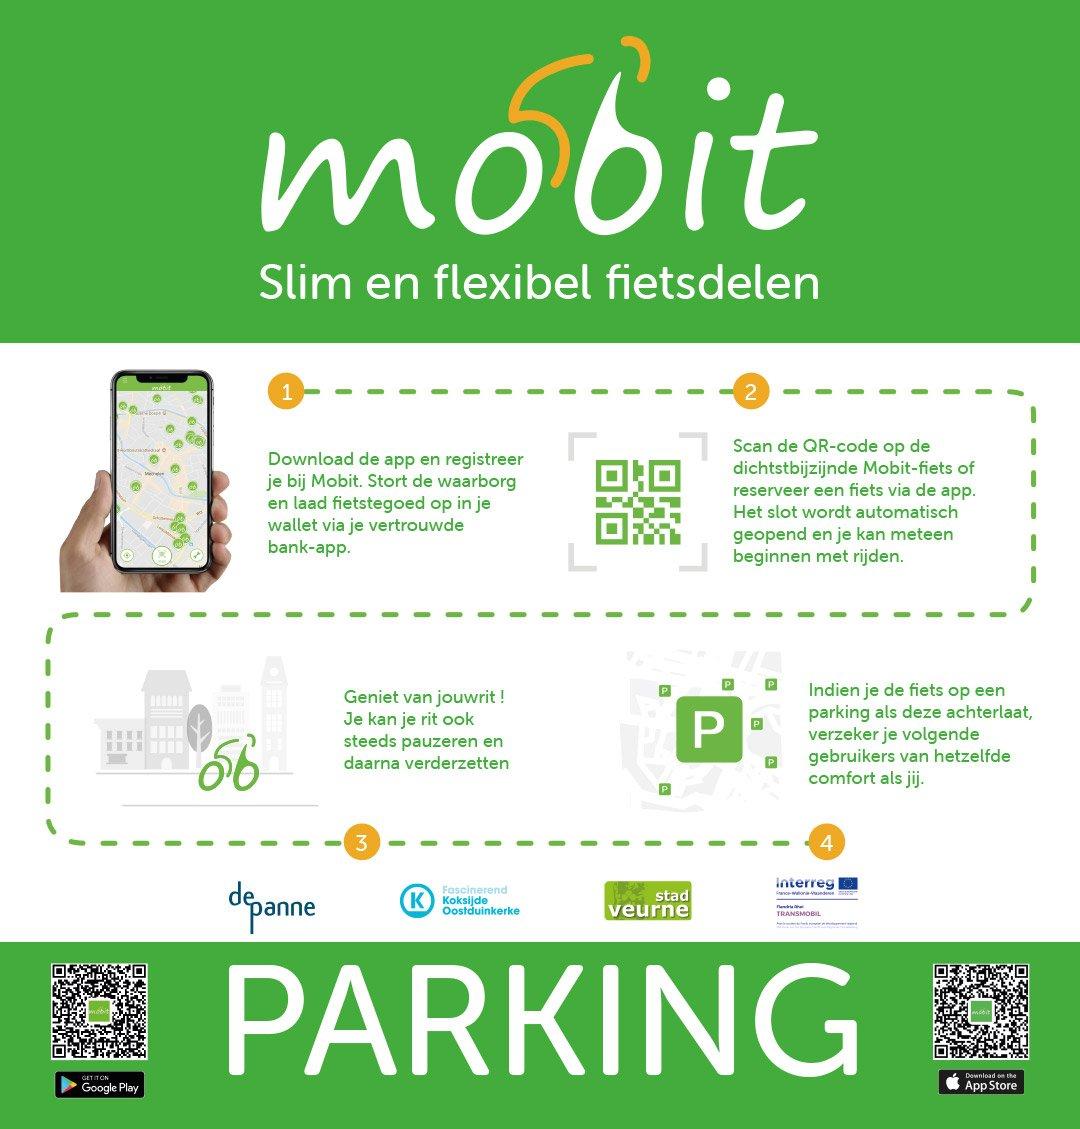 Mobit fietsdelen